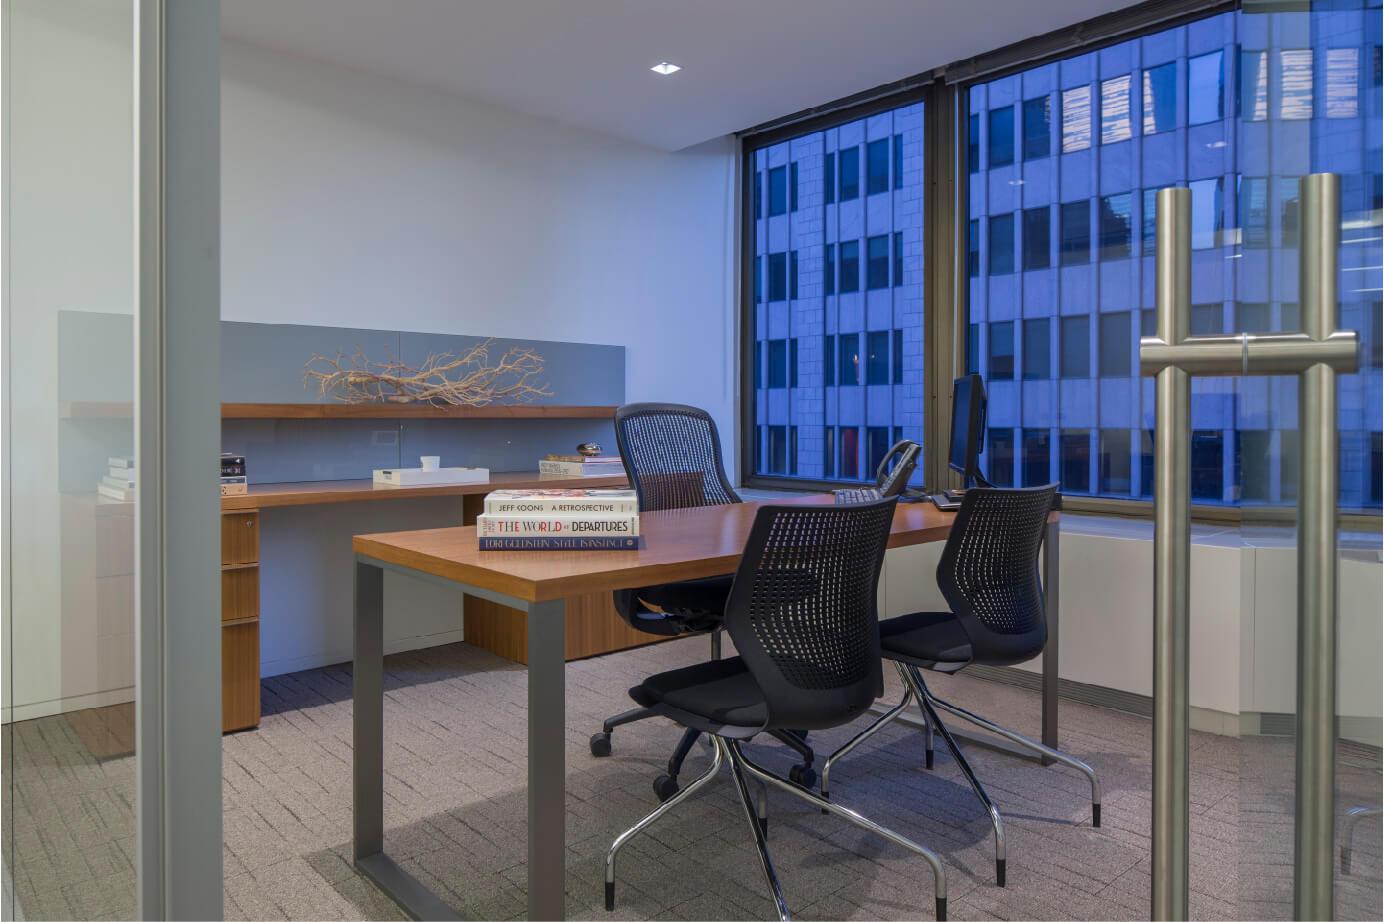 FENDI-OfficeNYC-DesignRepublic-ThaddeusRombauer-11.jpg